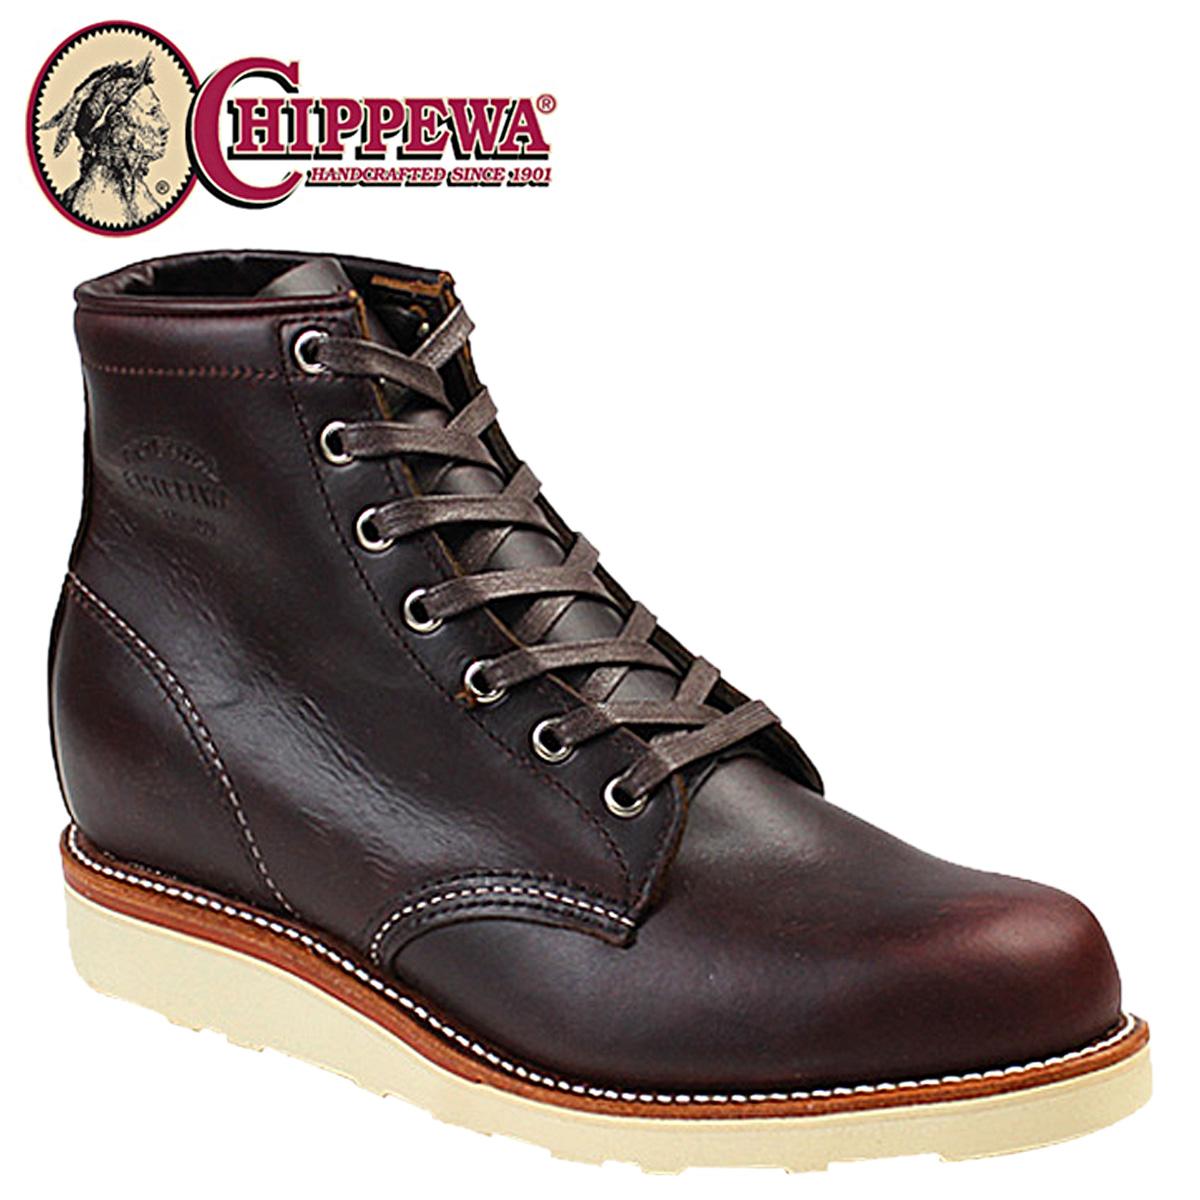 CHIPPEWA チペワ INCH PLAIN TOE WEDGE ブーツ 6インチ プレーン トゥ ウェッジ ブーツ 61901M16 Dワイズ コードバン メンズ